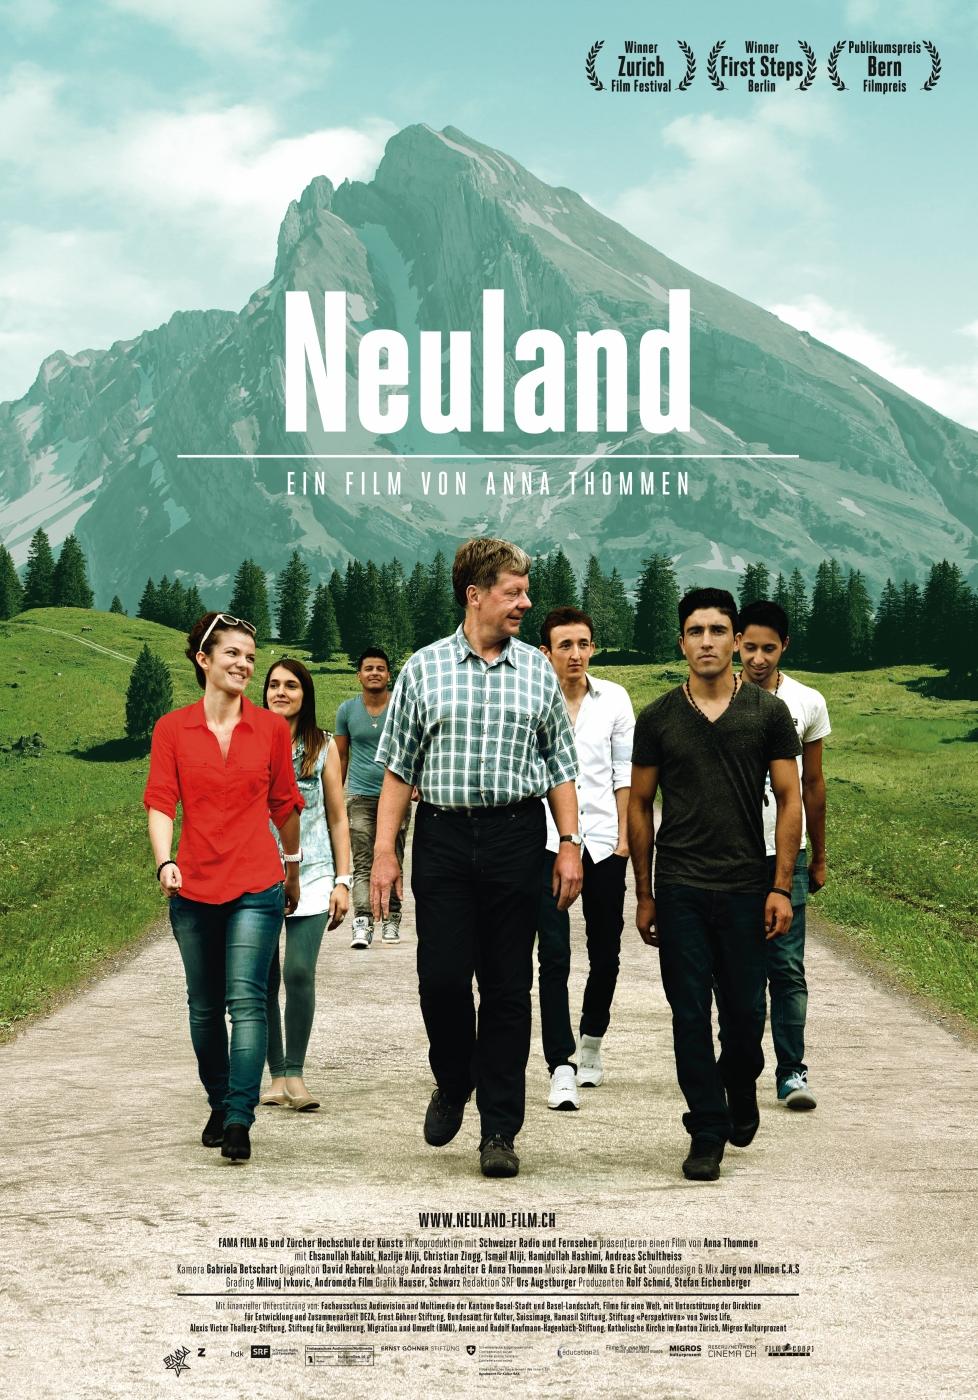 neuland_artwork_8_28x11_85cm_300dpi_5089